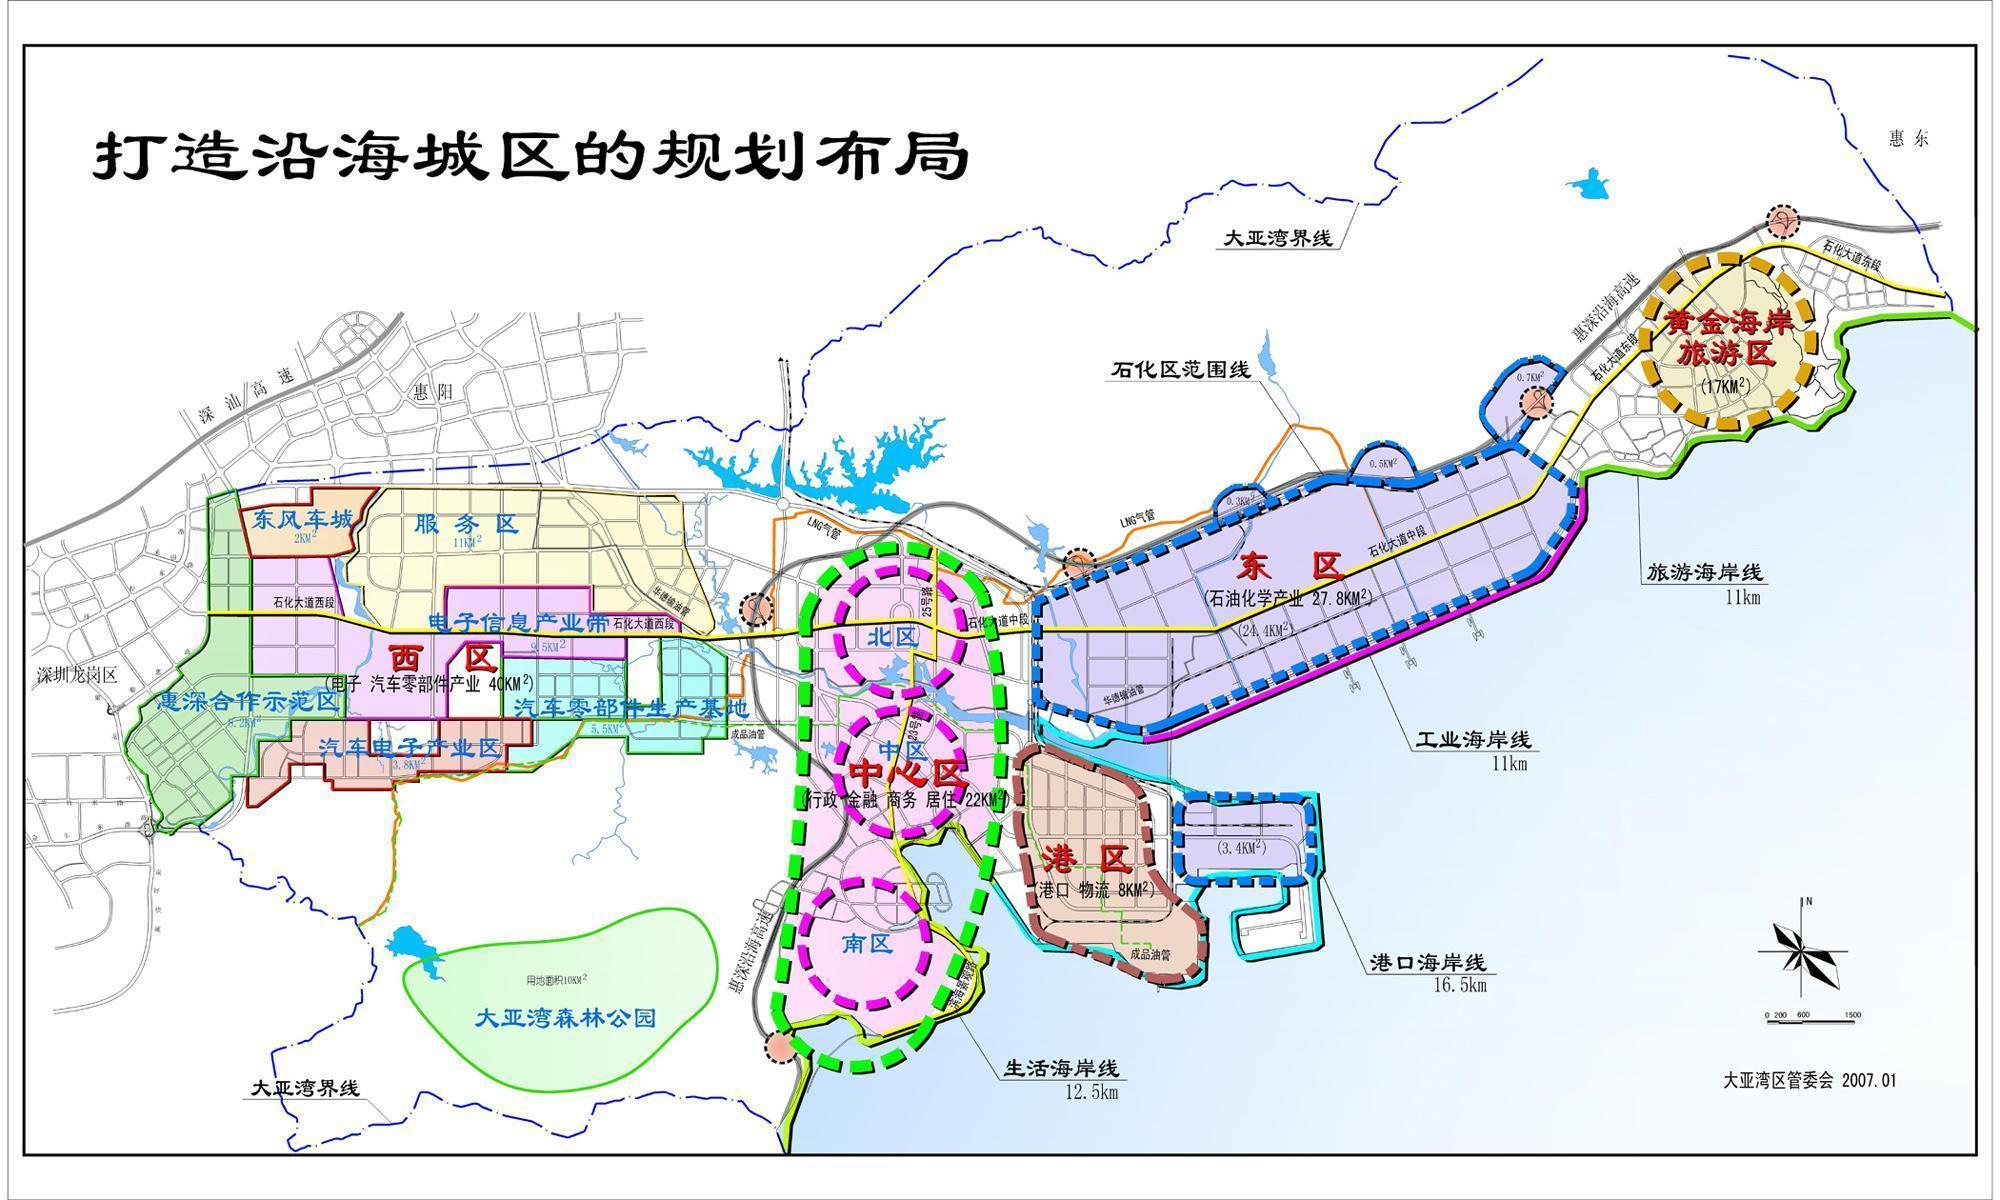 中国汽车产业格局图_大亚湾经济技术开发区_360百科